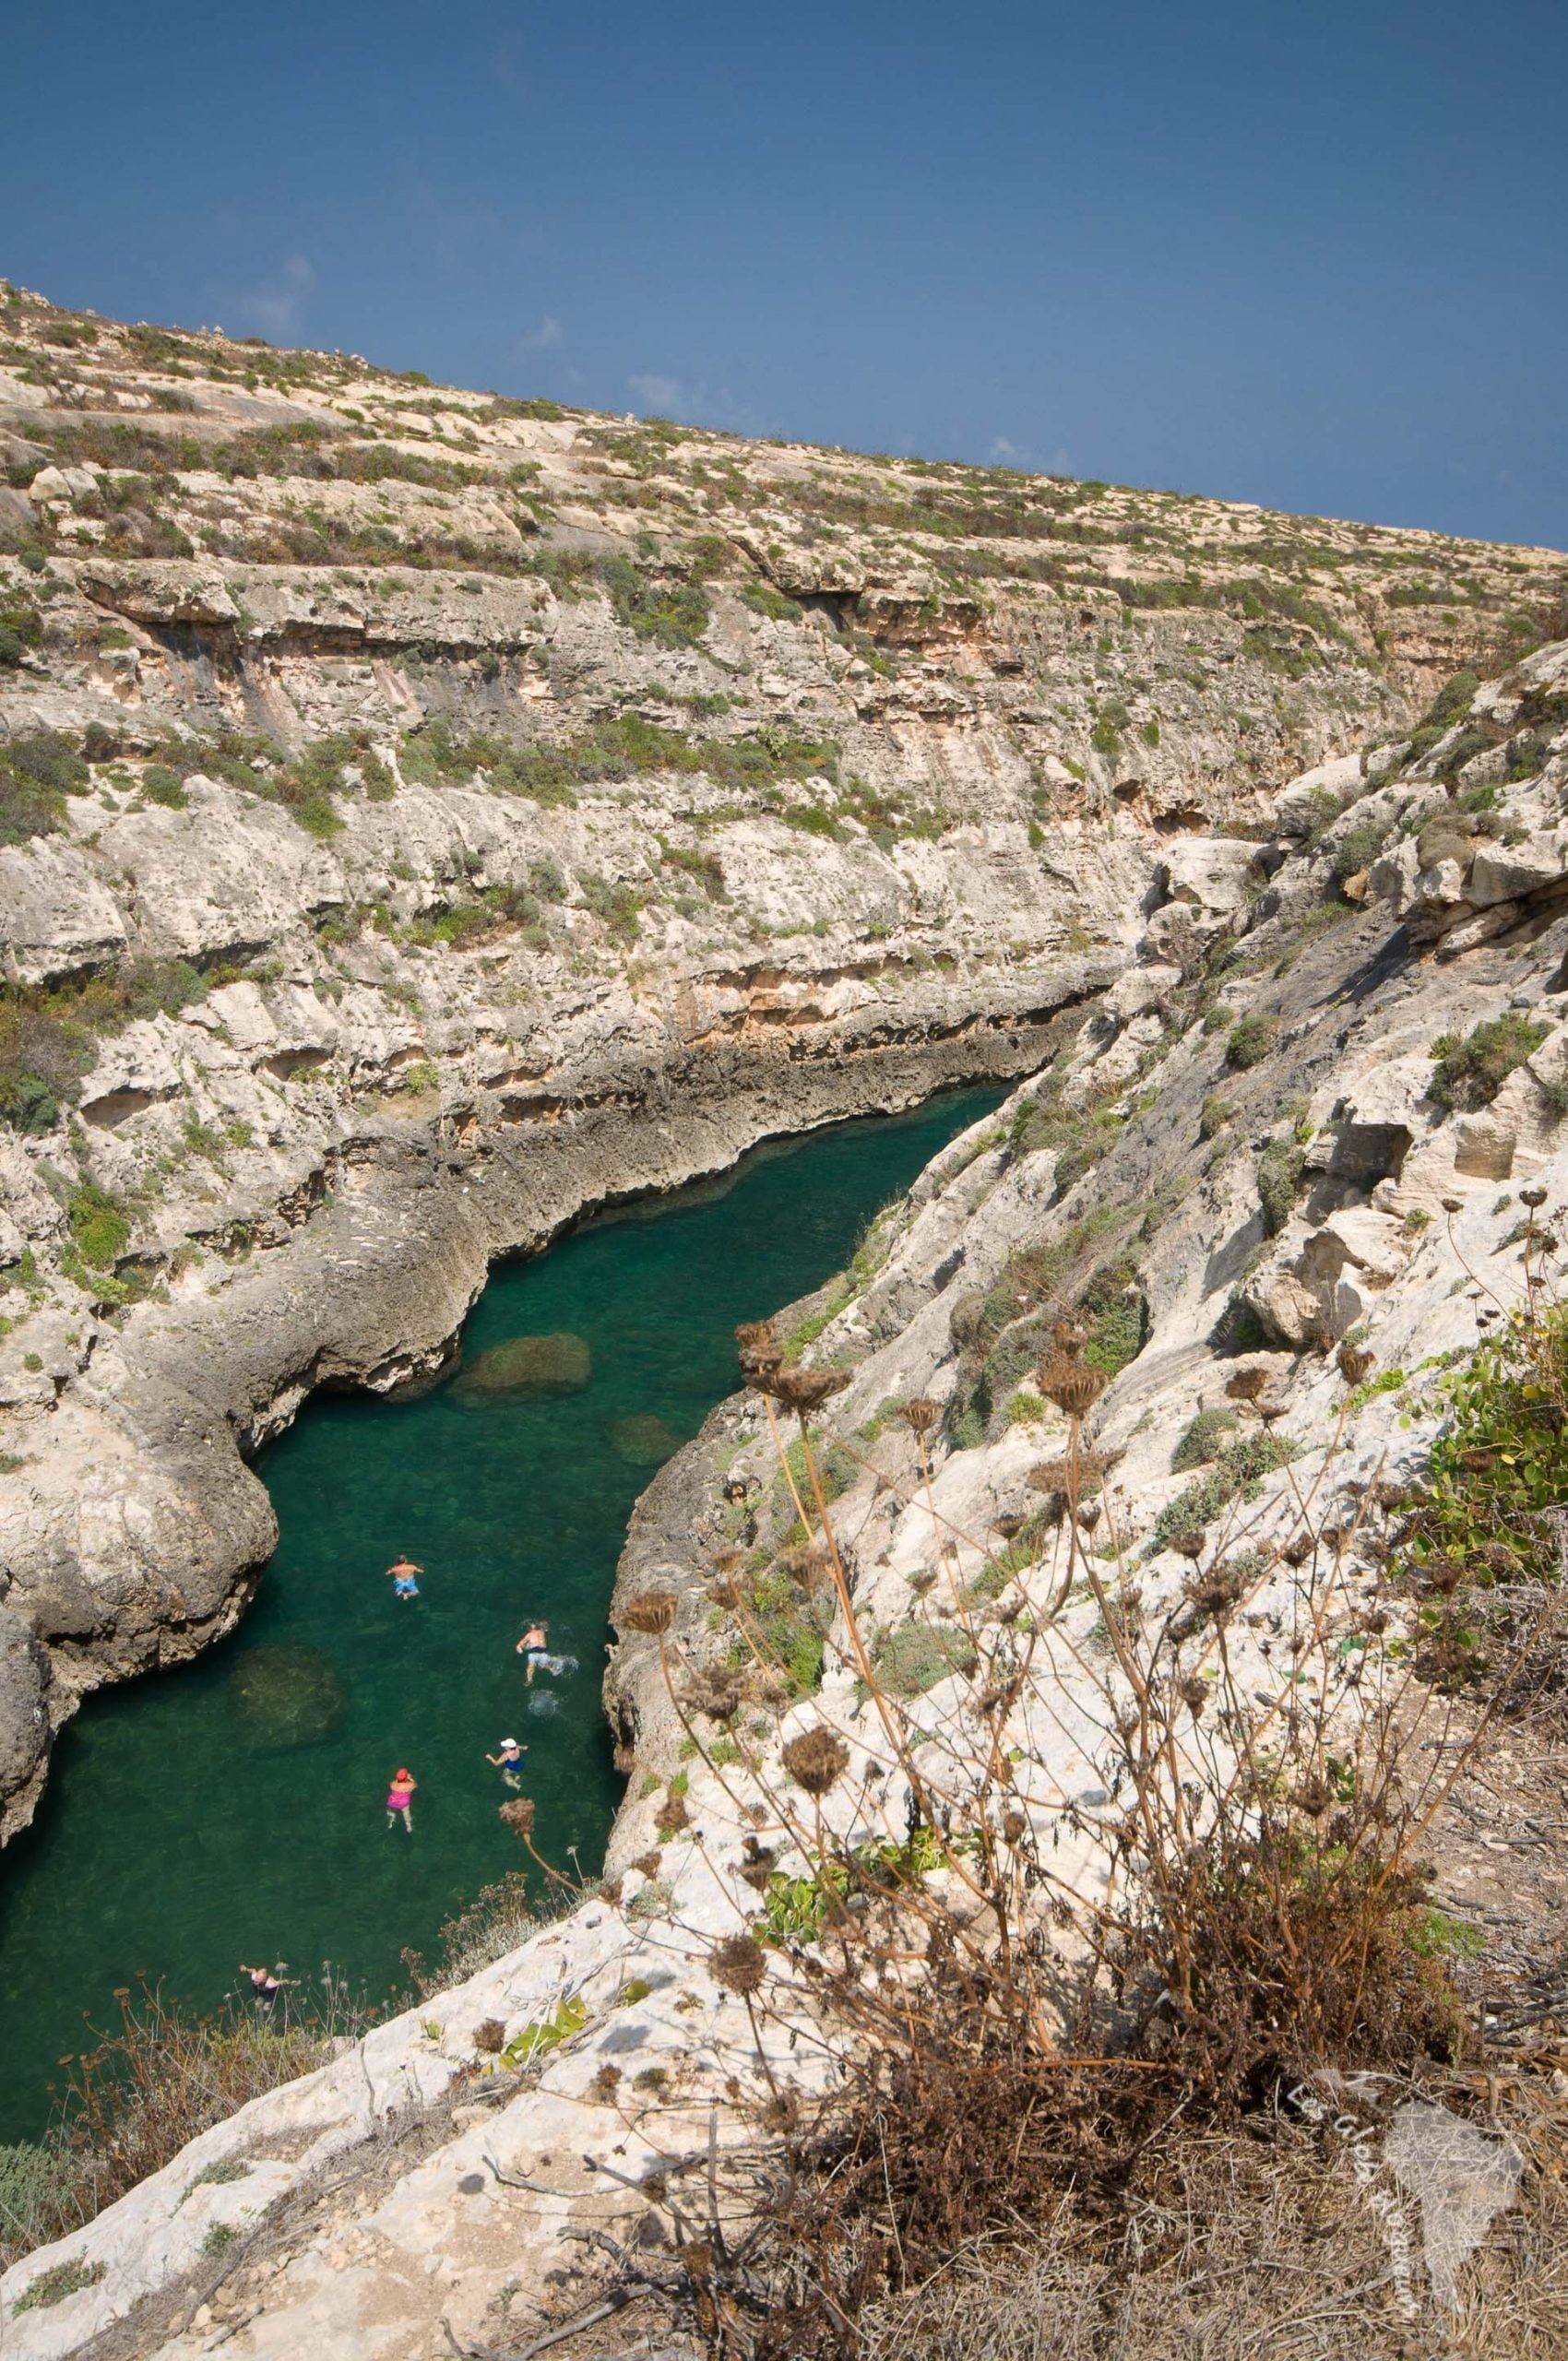 Le canyon de Wied el Ghasri